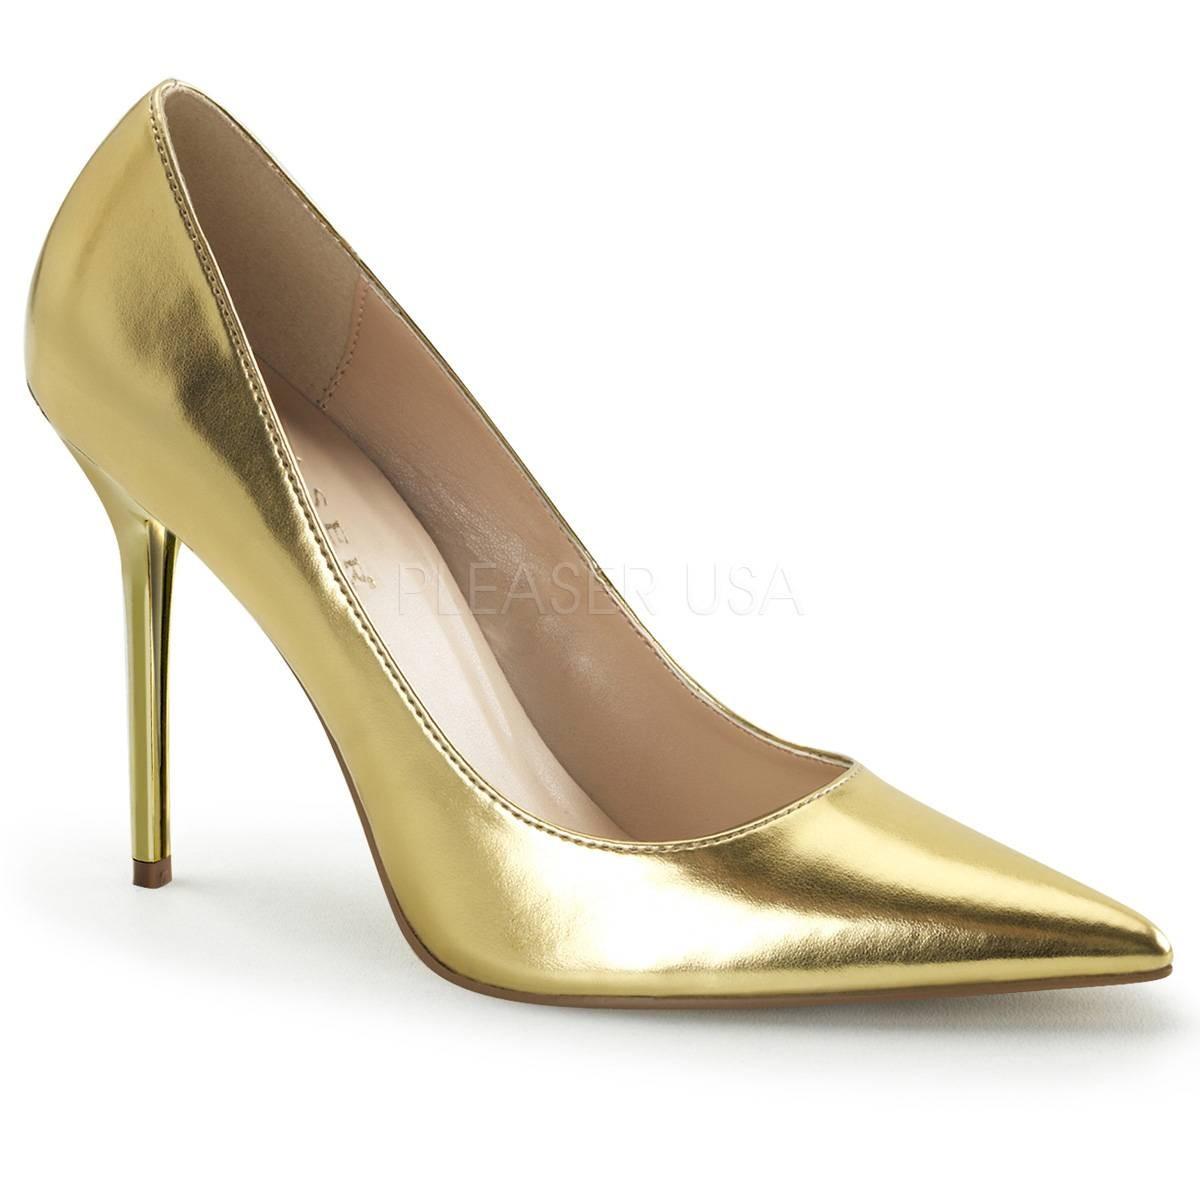 Pumps - CLASSIQUE 20 ° Damen Pumps ° Gold Matt ° Pleaser  - Onlineshop RedSixty